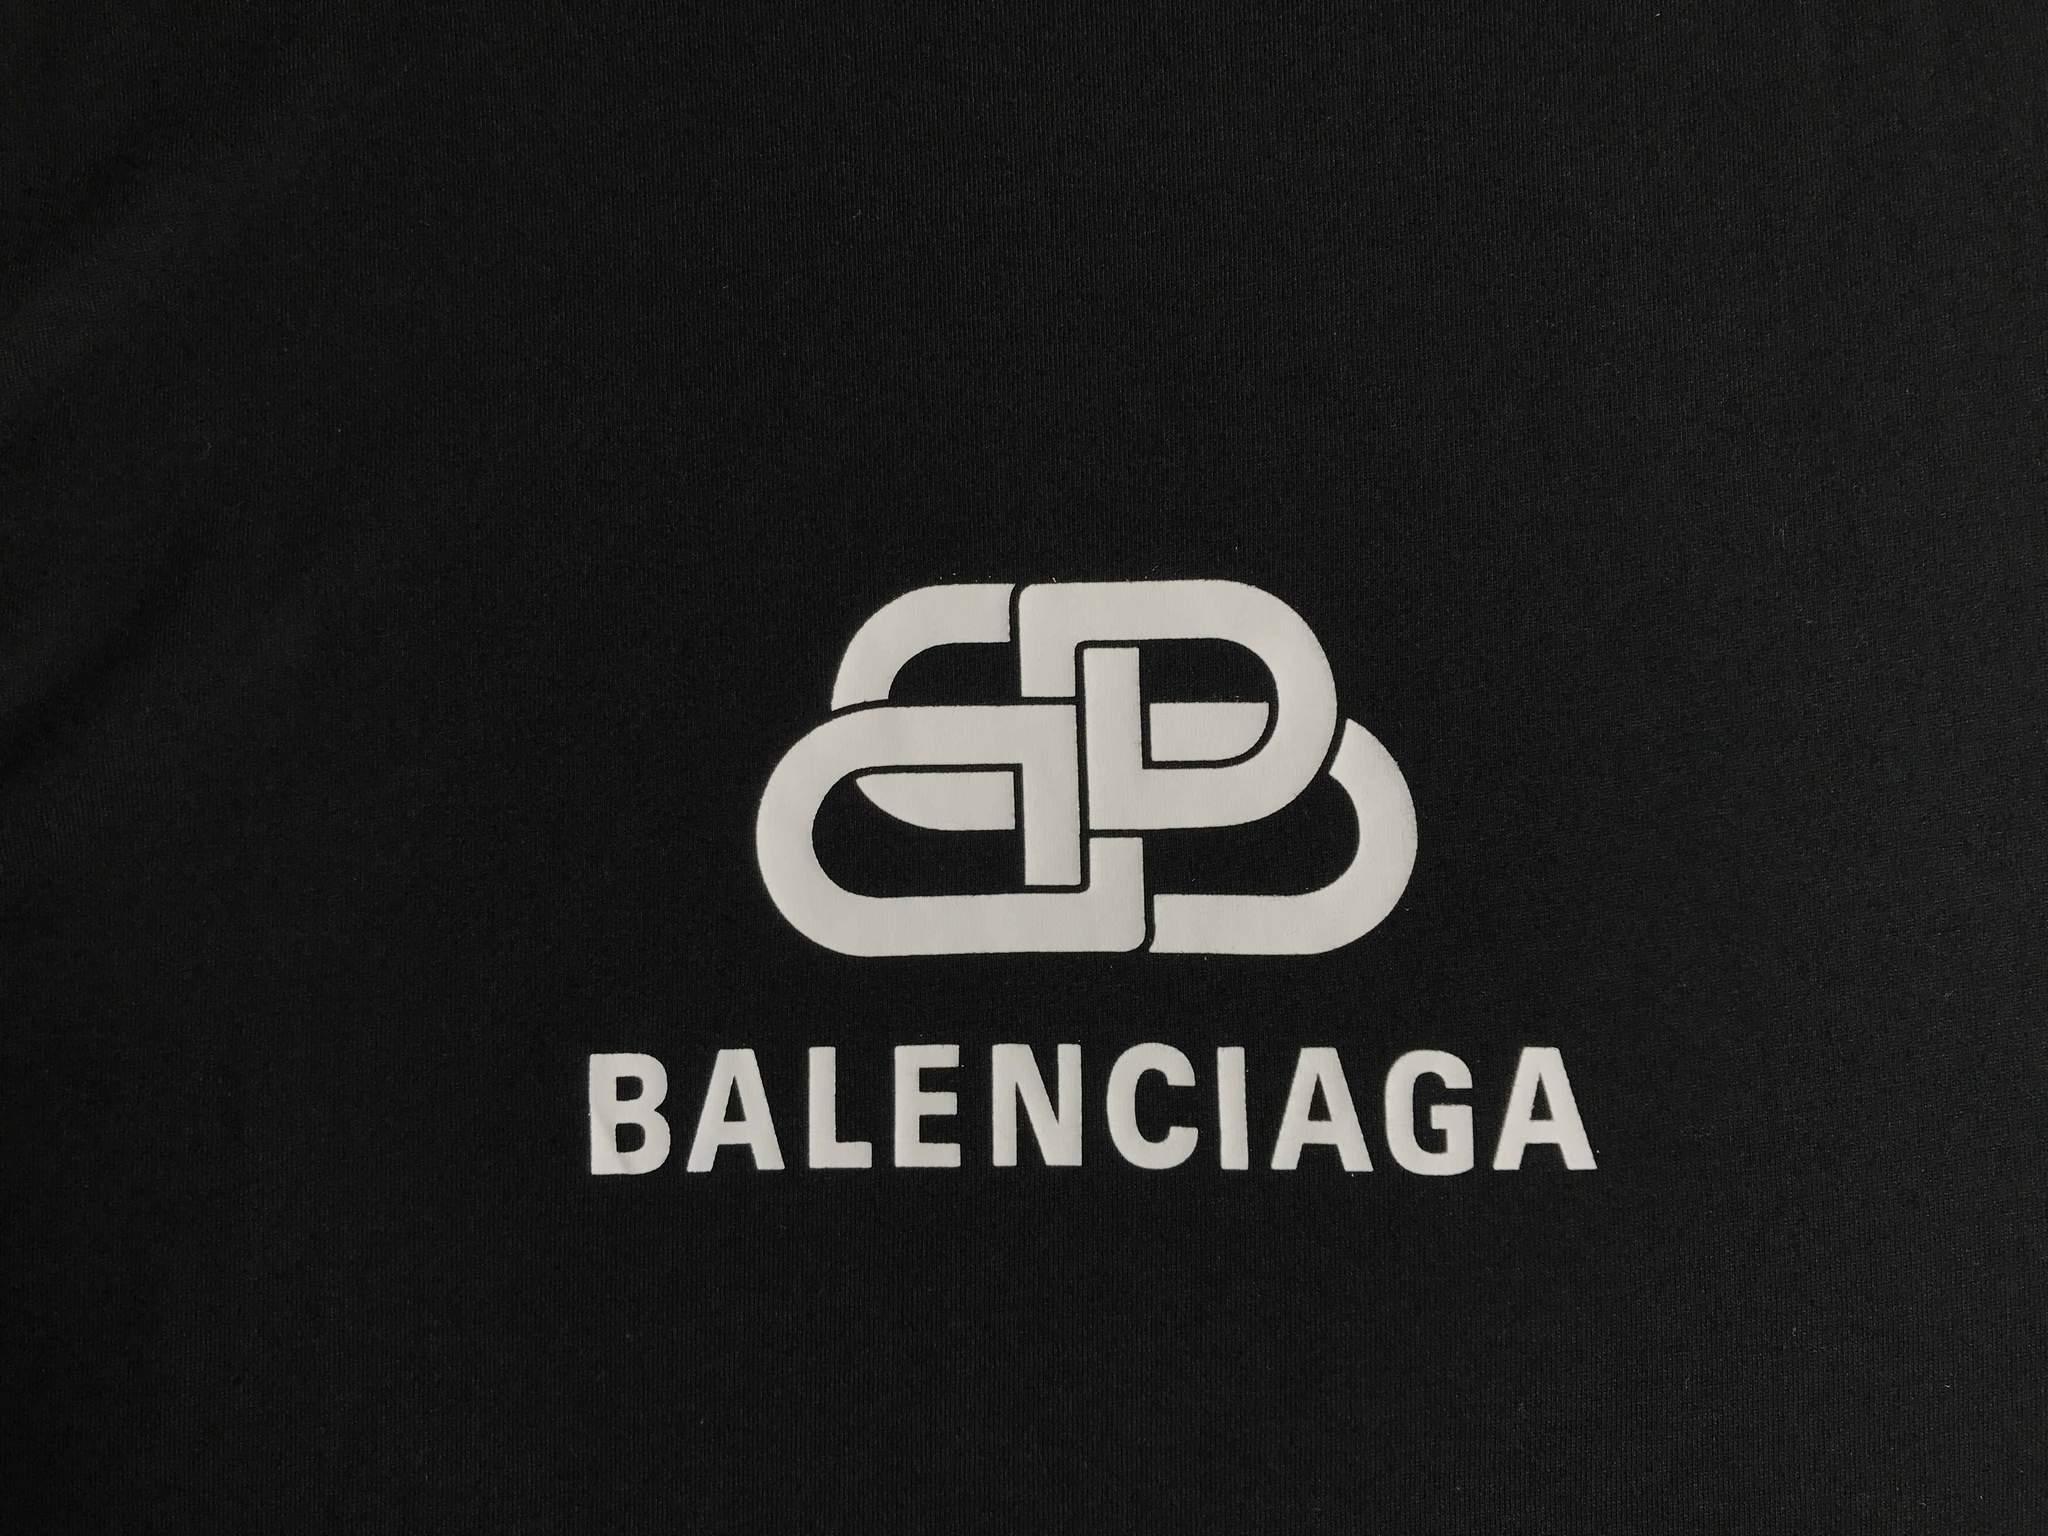 balenciaga wallpapers dog bb icon